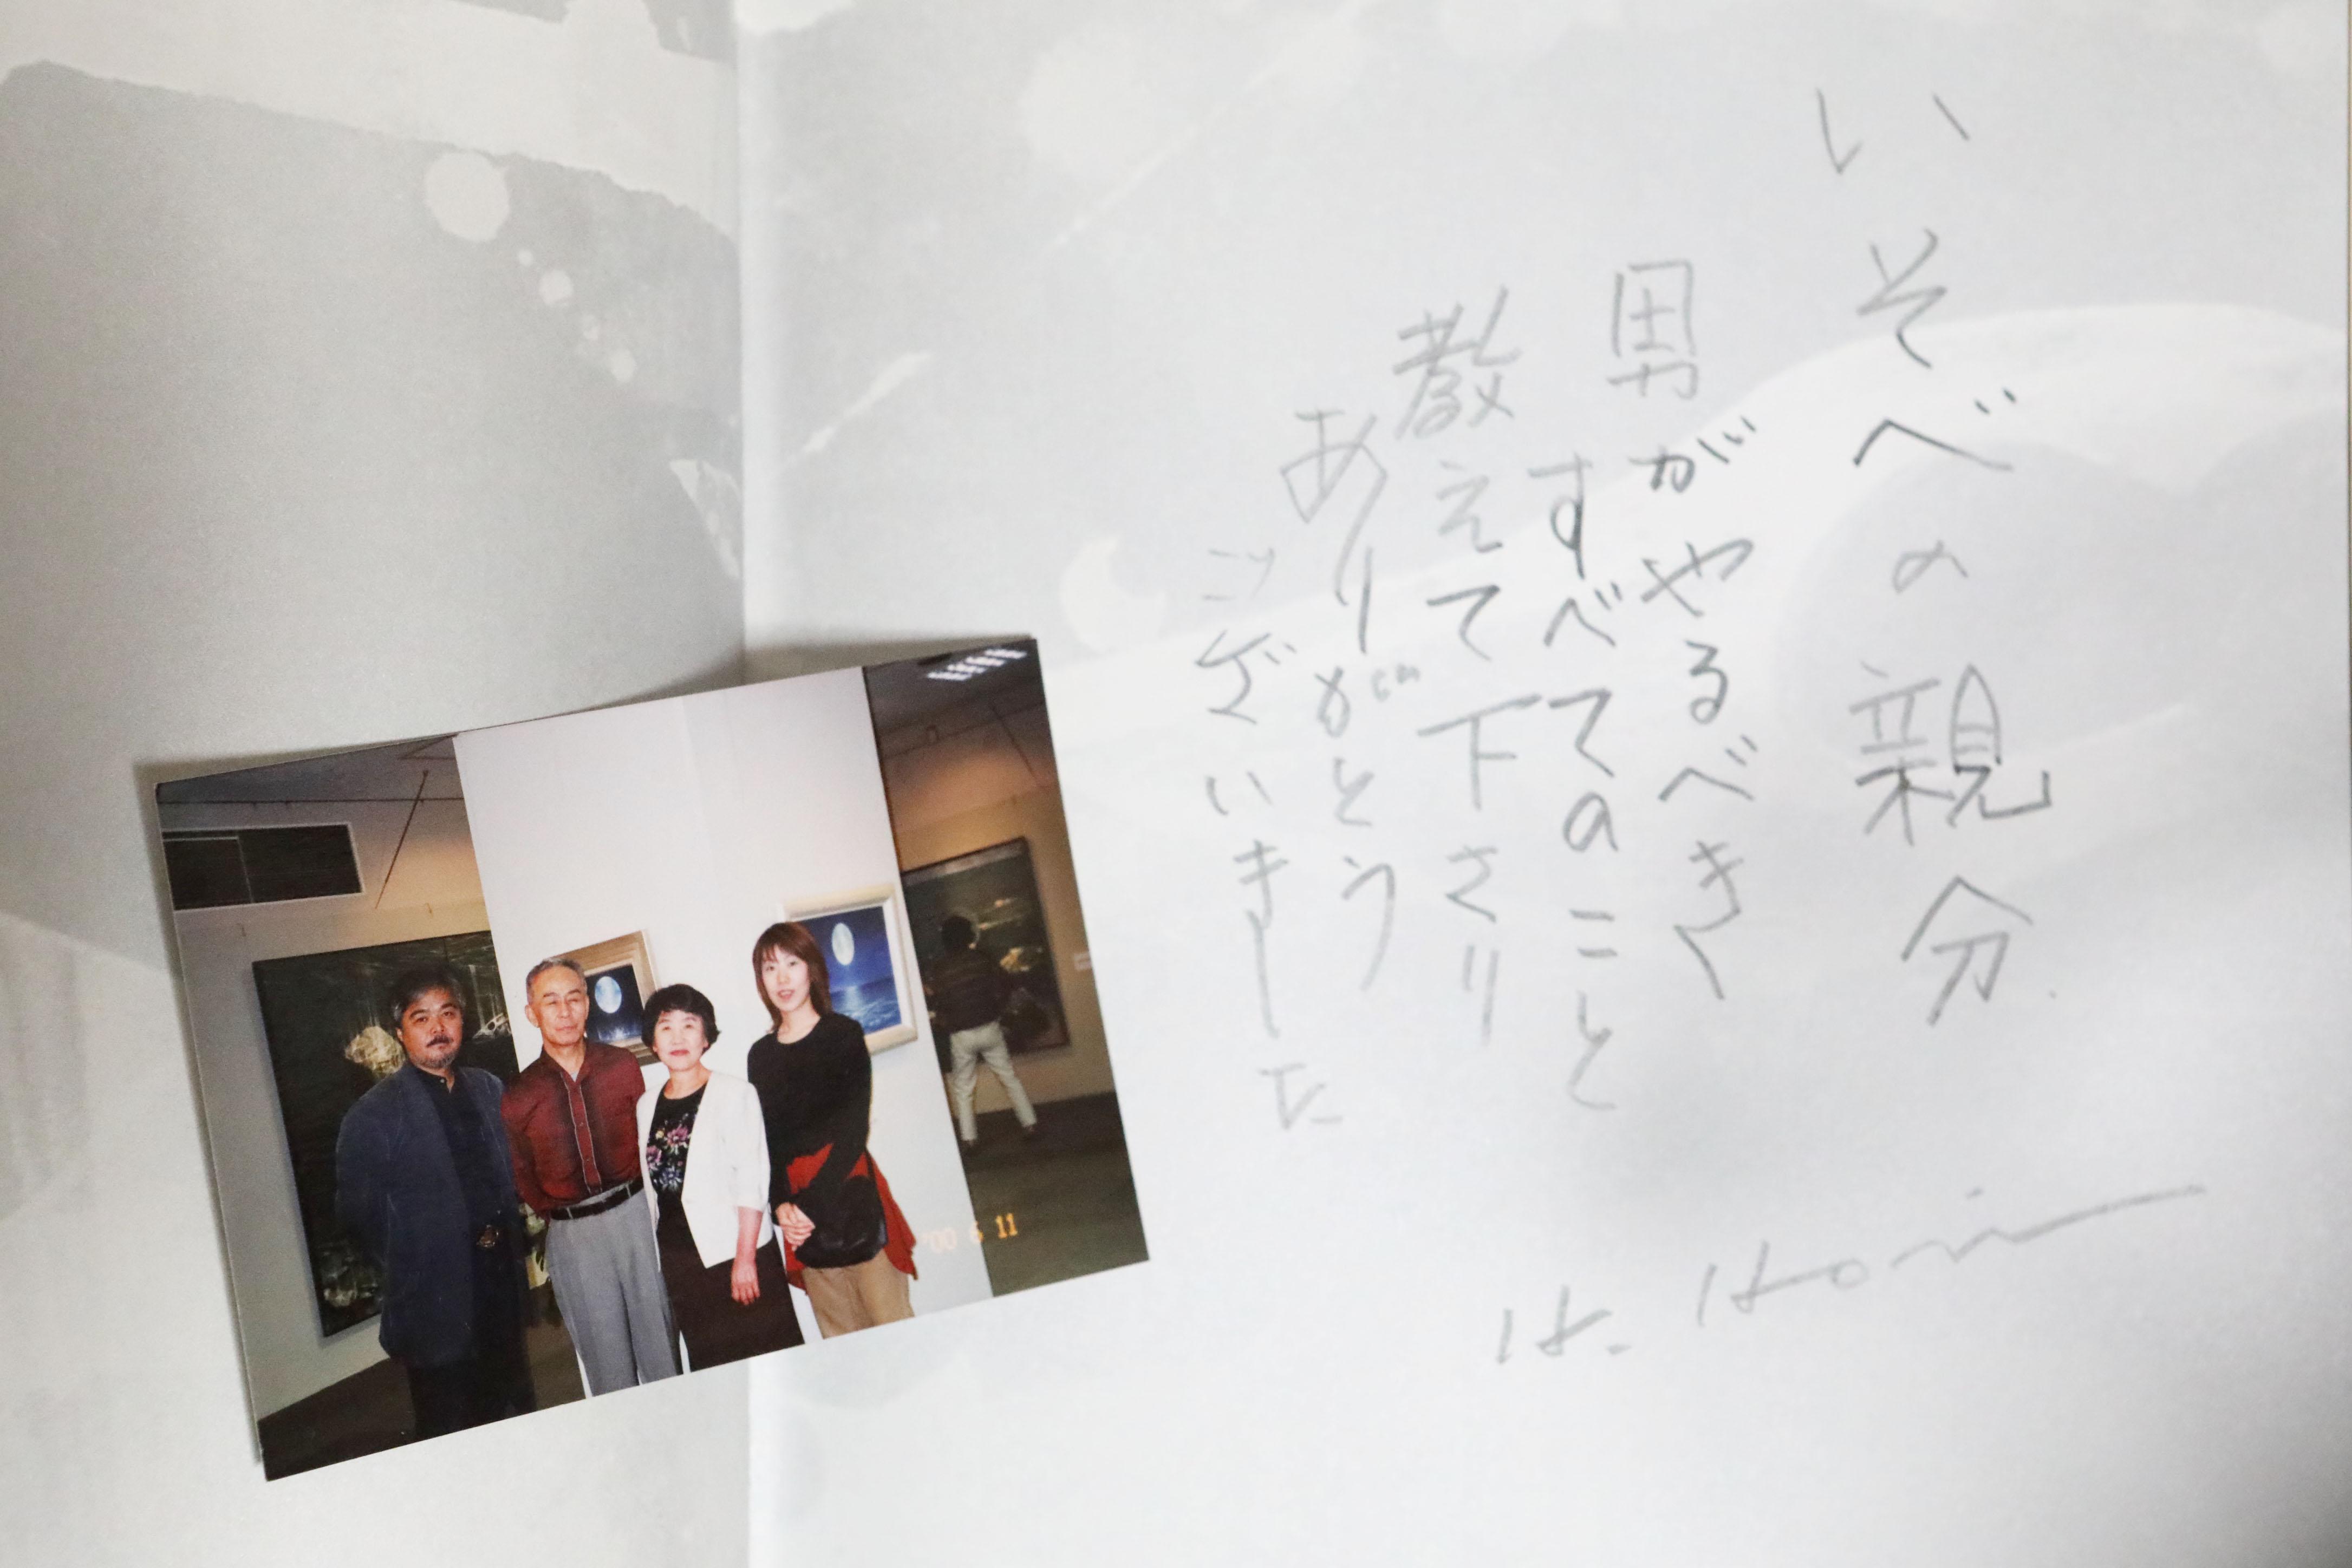 堀晃画集のサイン